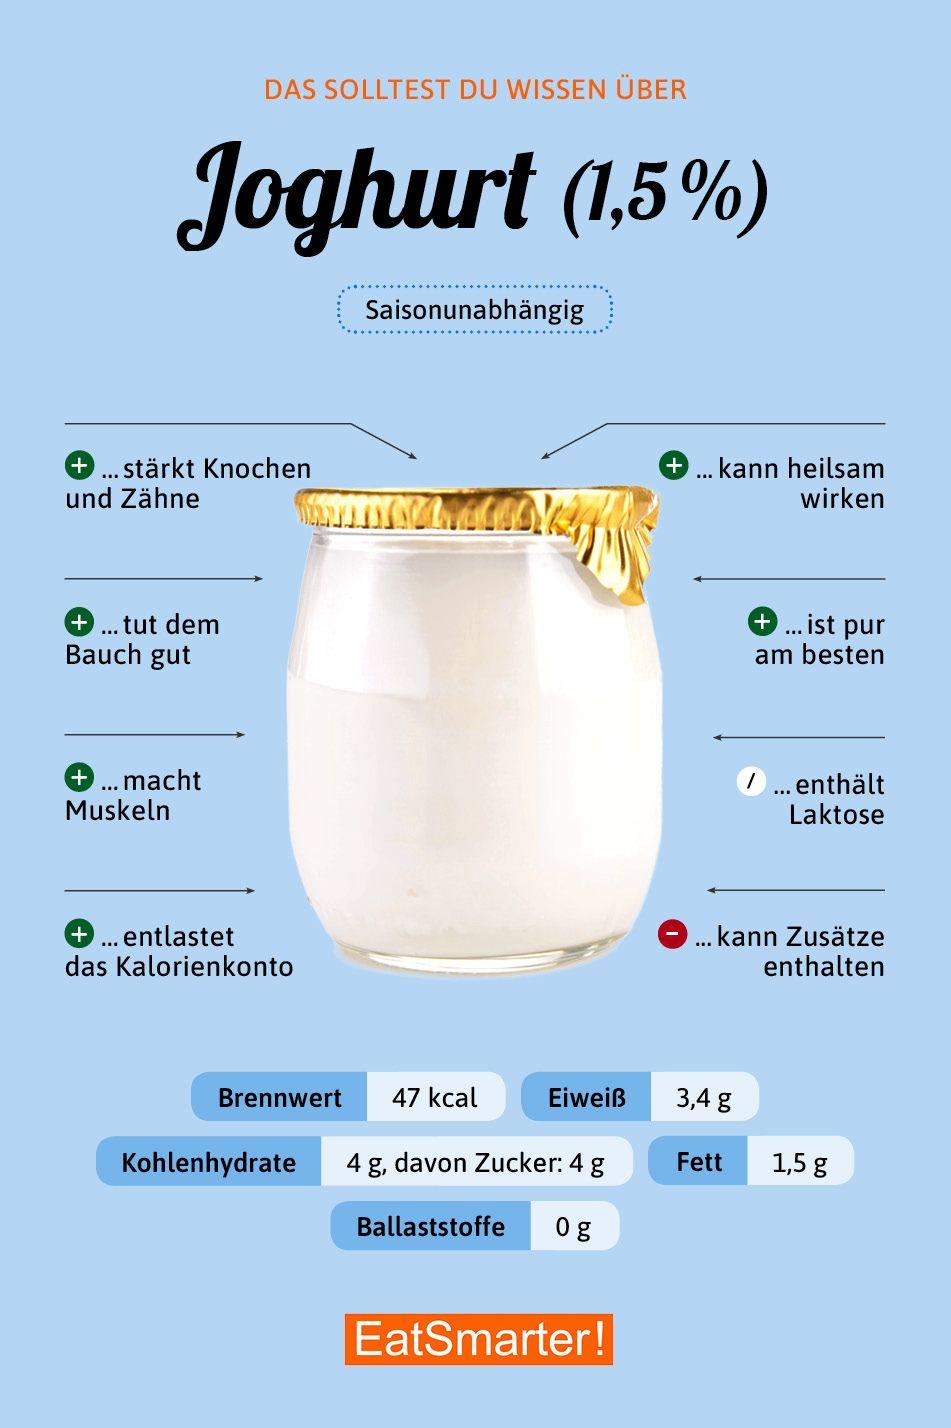 Joghurt 2 Wochen Abgelaufen